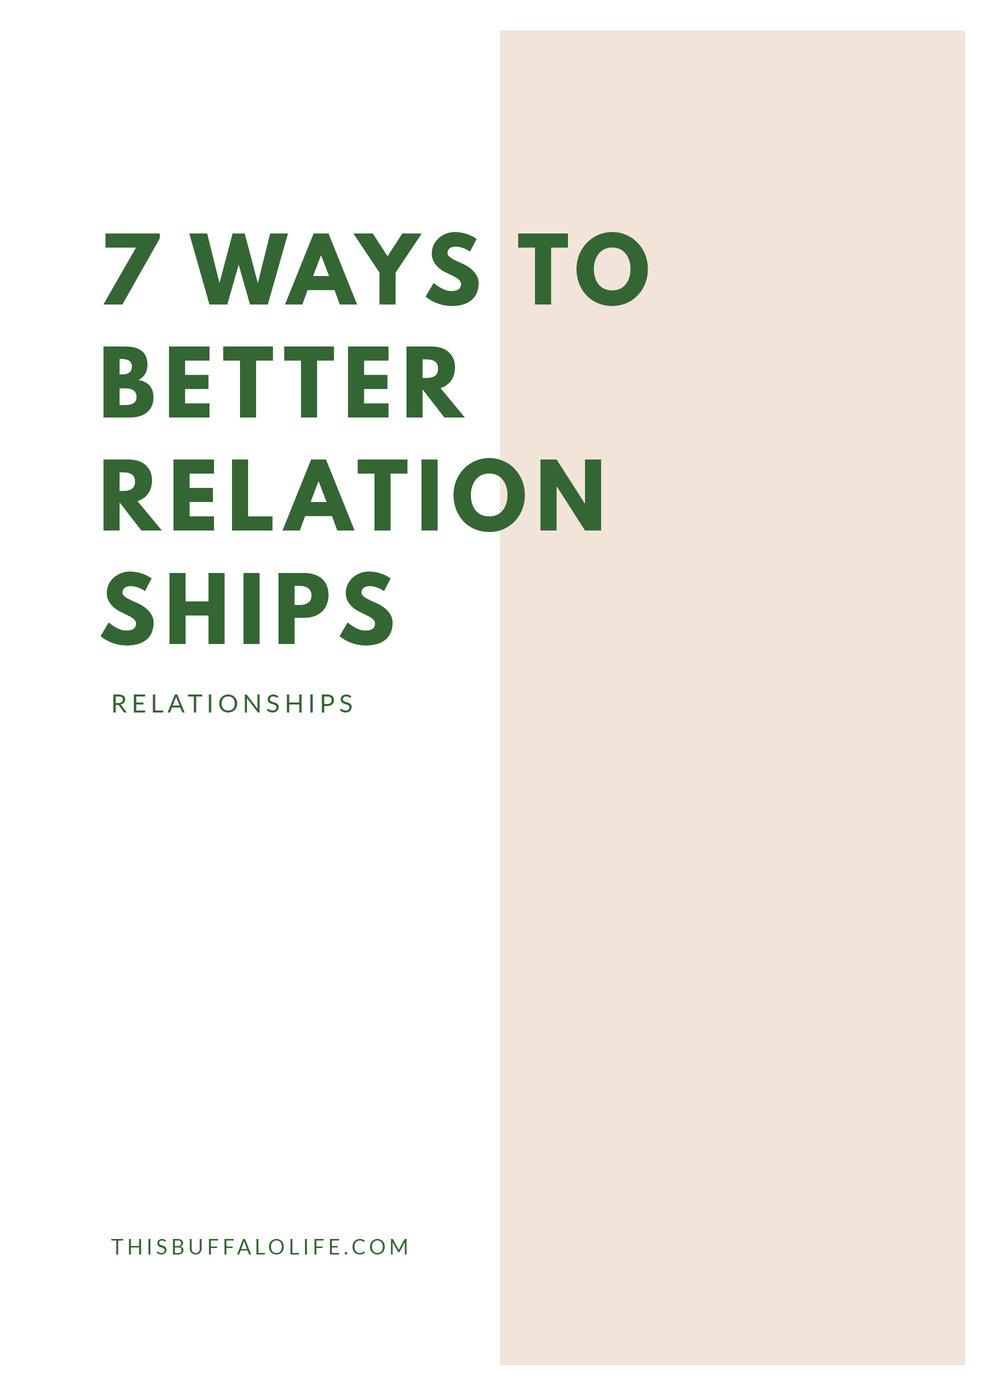 betterrelationships.jpg